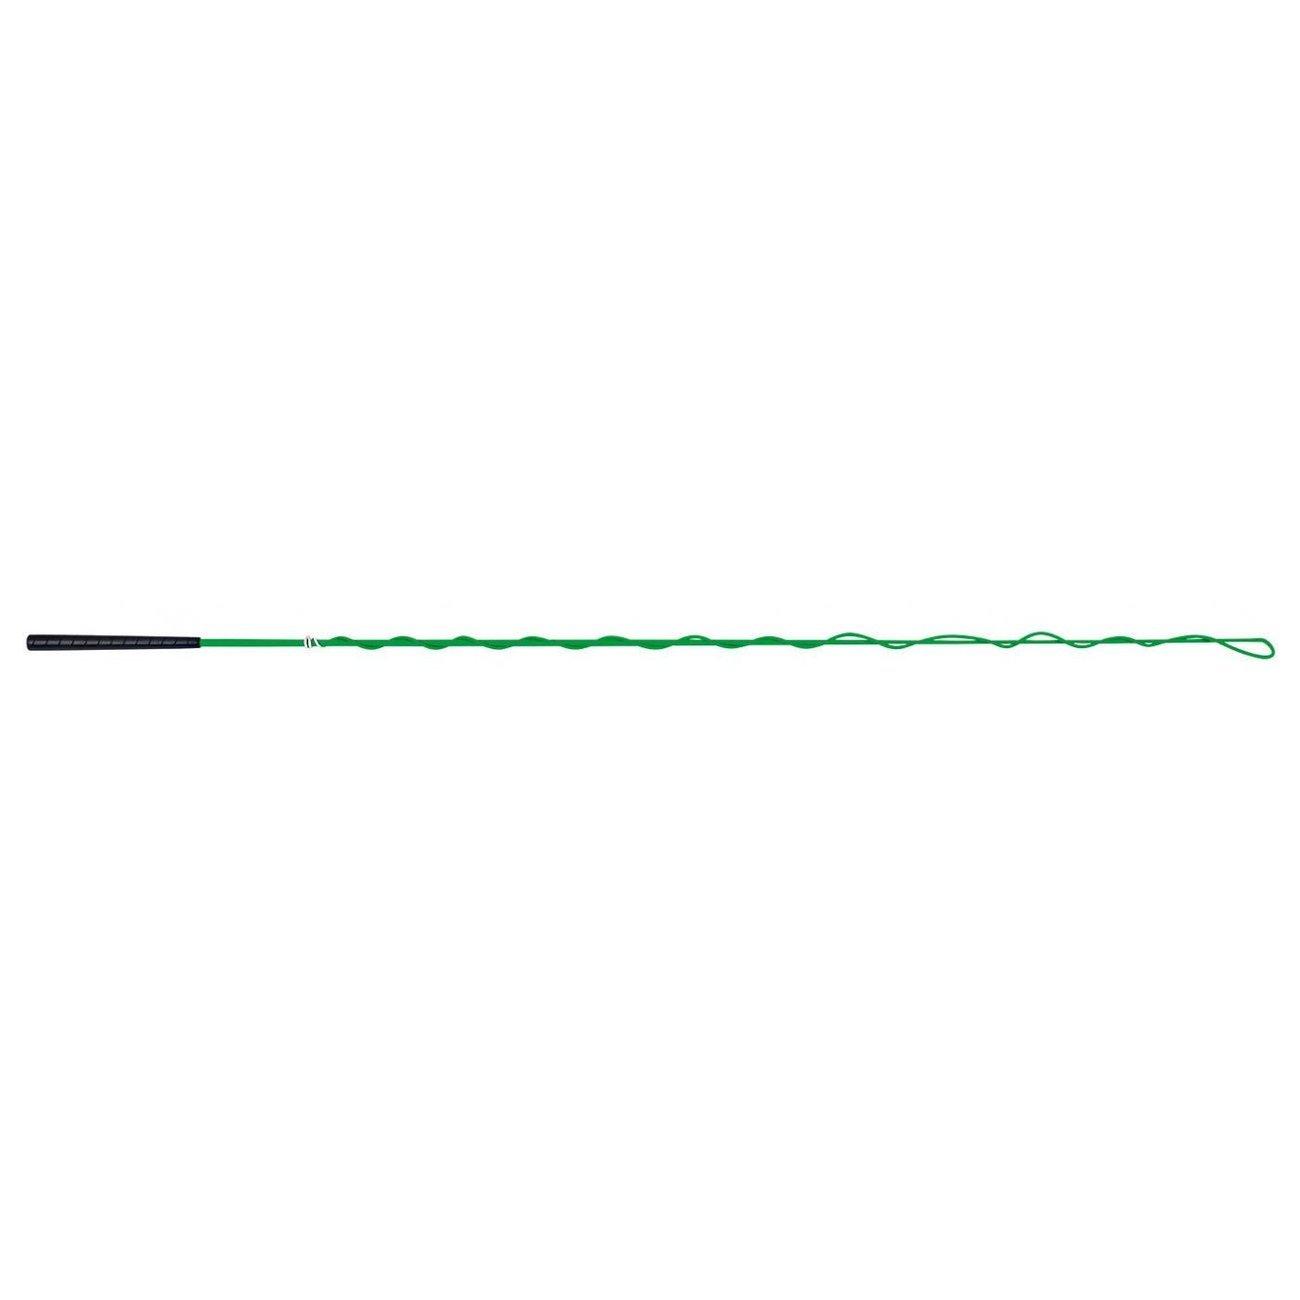 BUSSE Reflex Peitsche zum Longieren, Bild 6